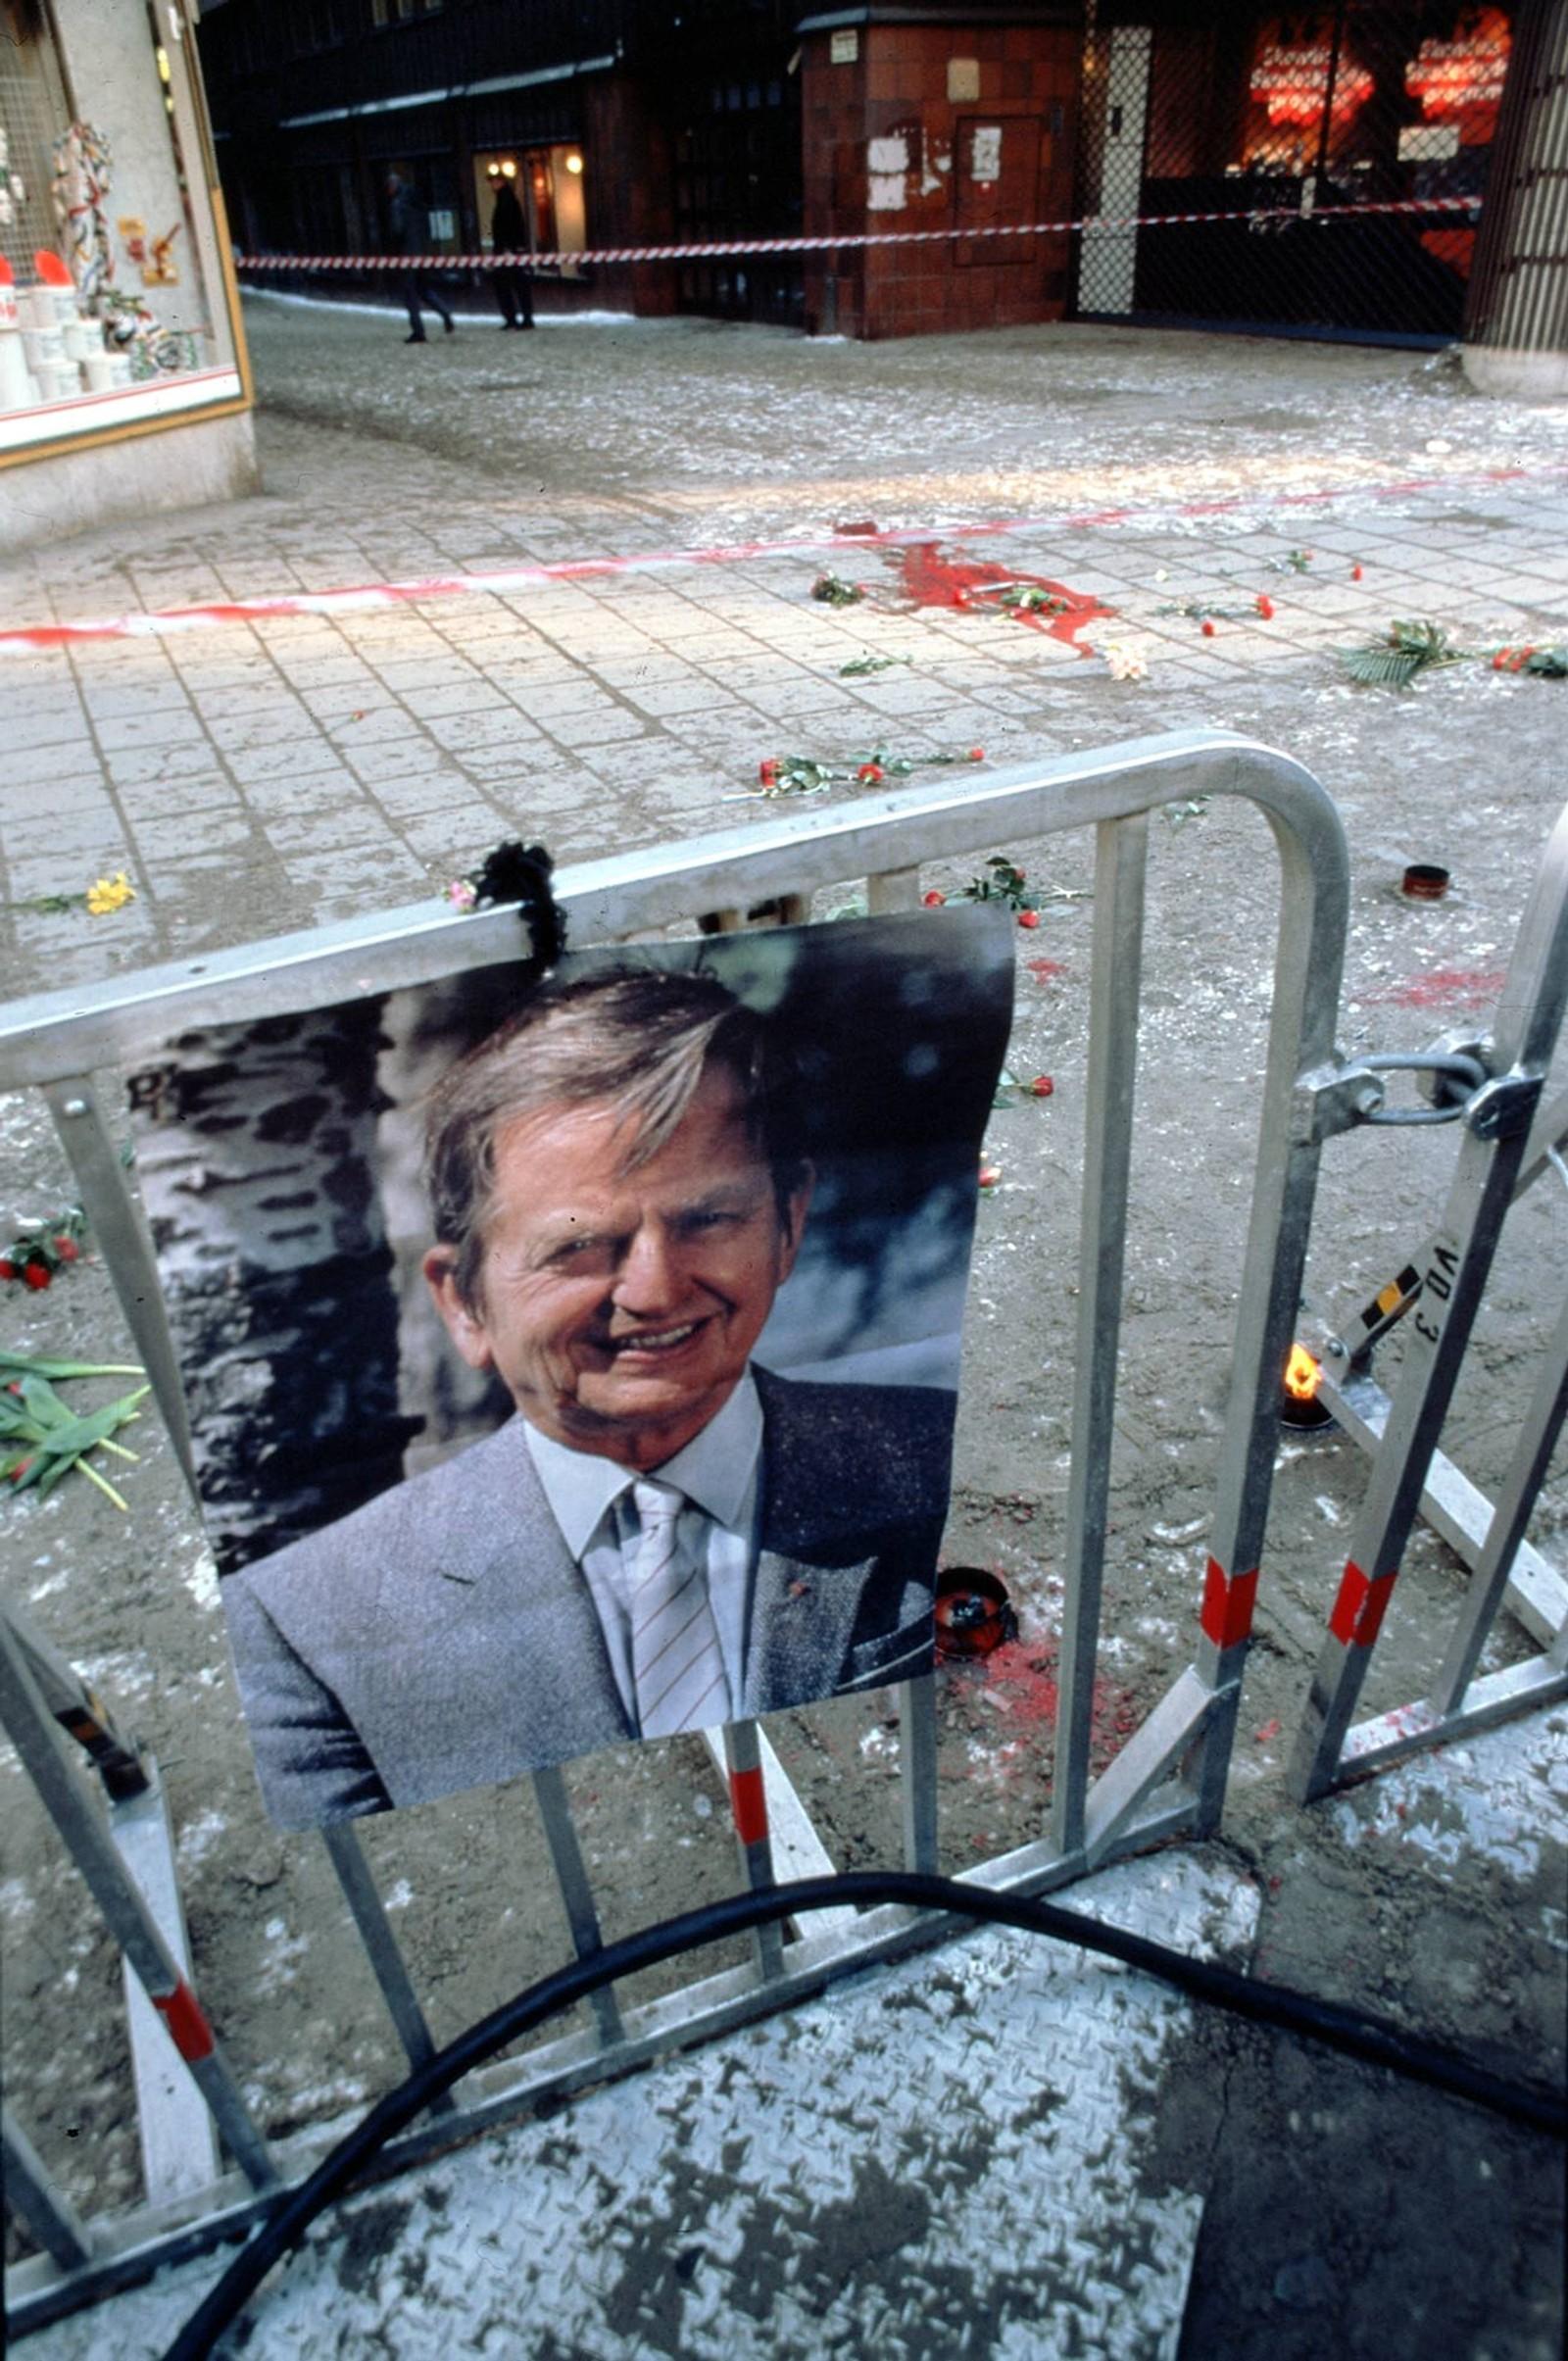 Statsminister Olof Palme ble drept i sentrum av Stockholm om kvelden 28. februar 1986, og sørgende landsmenn valfartet til åstedet lang tid etterpå.